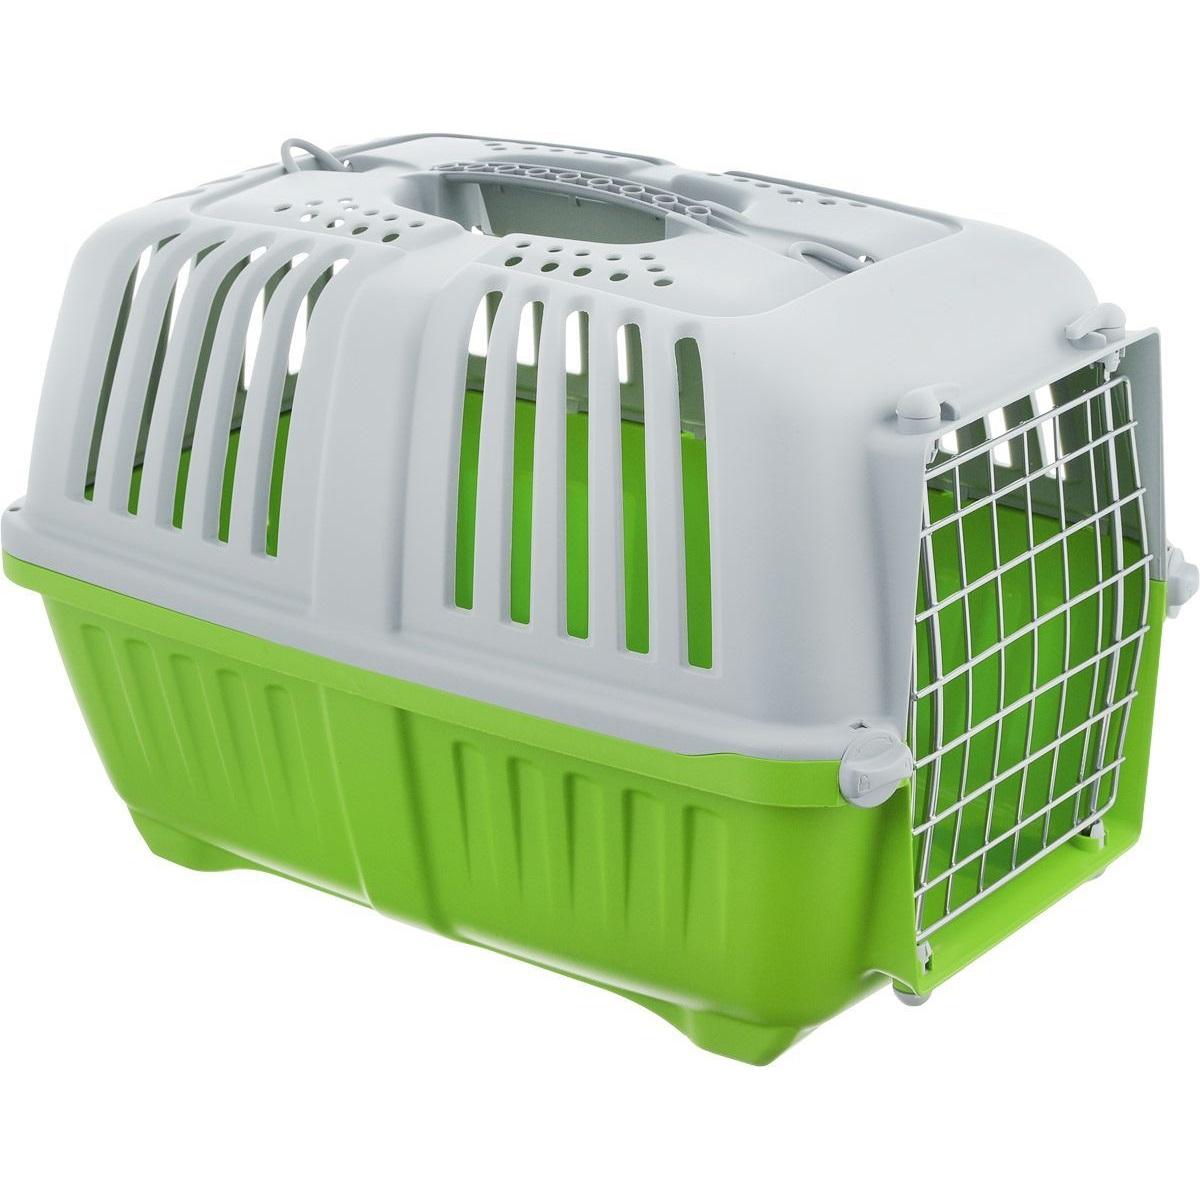 باکس حمل حیوانات مدل Pratiko 2